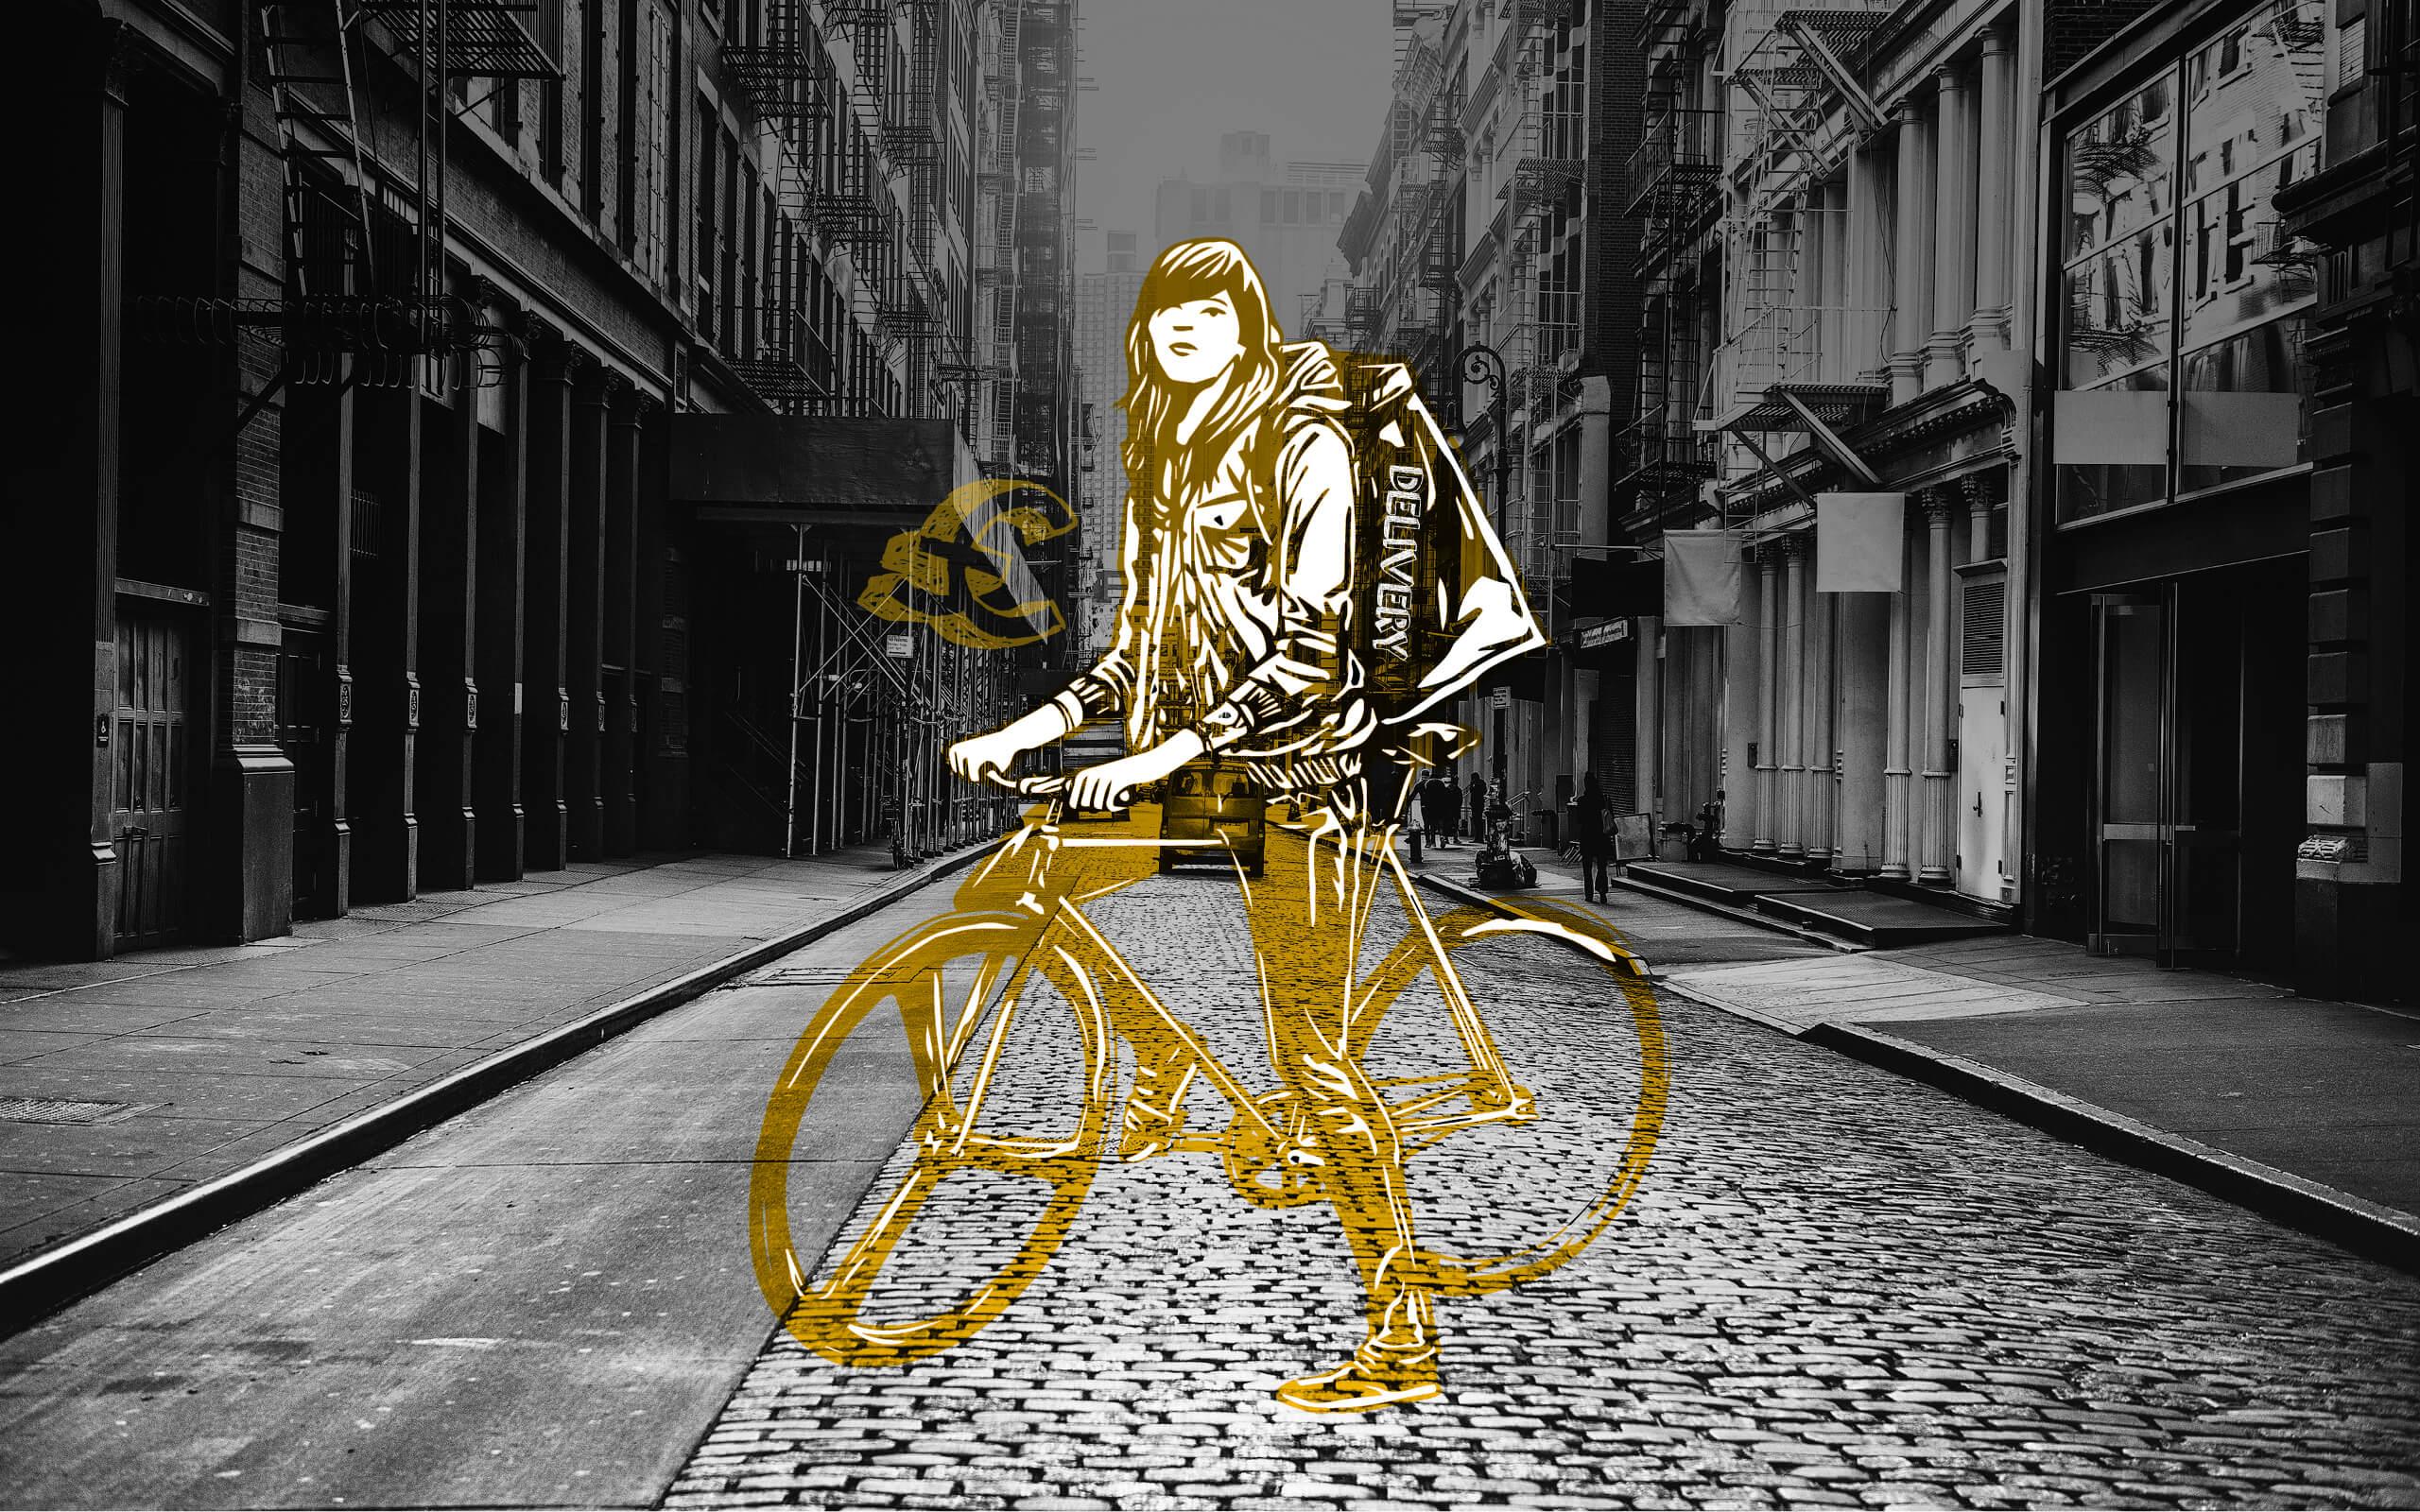 A women on a bike outside